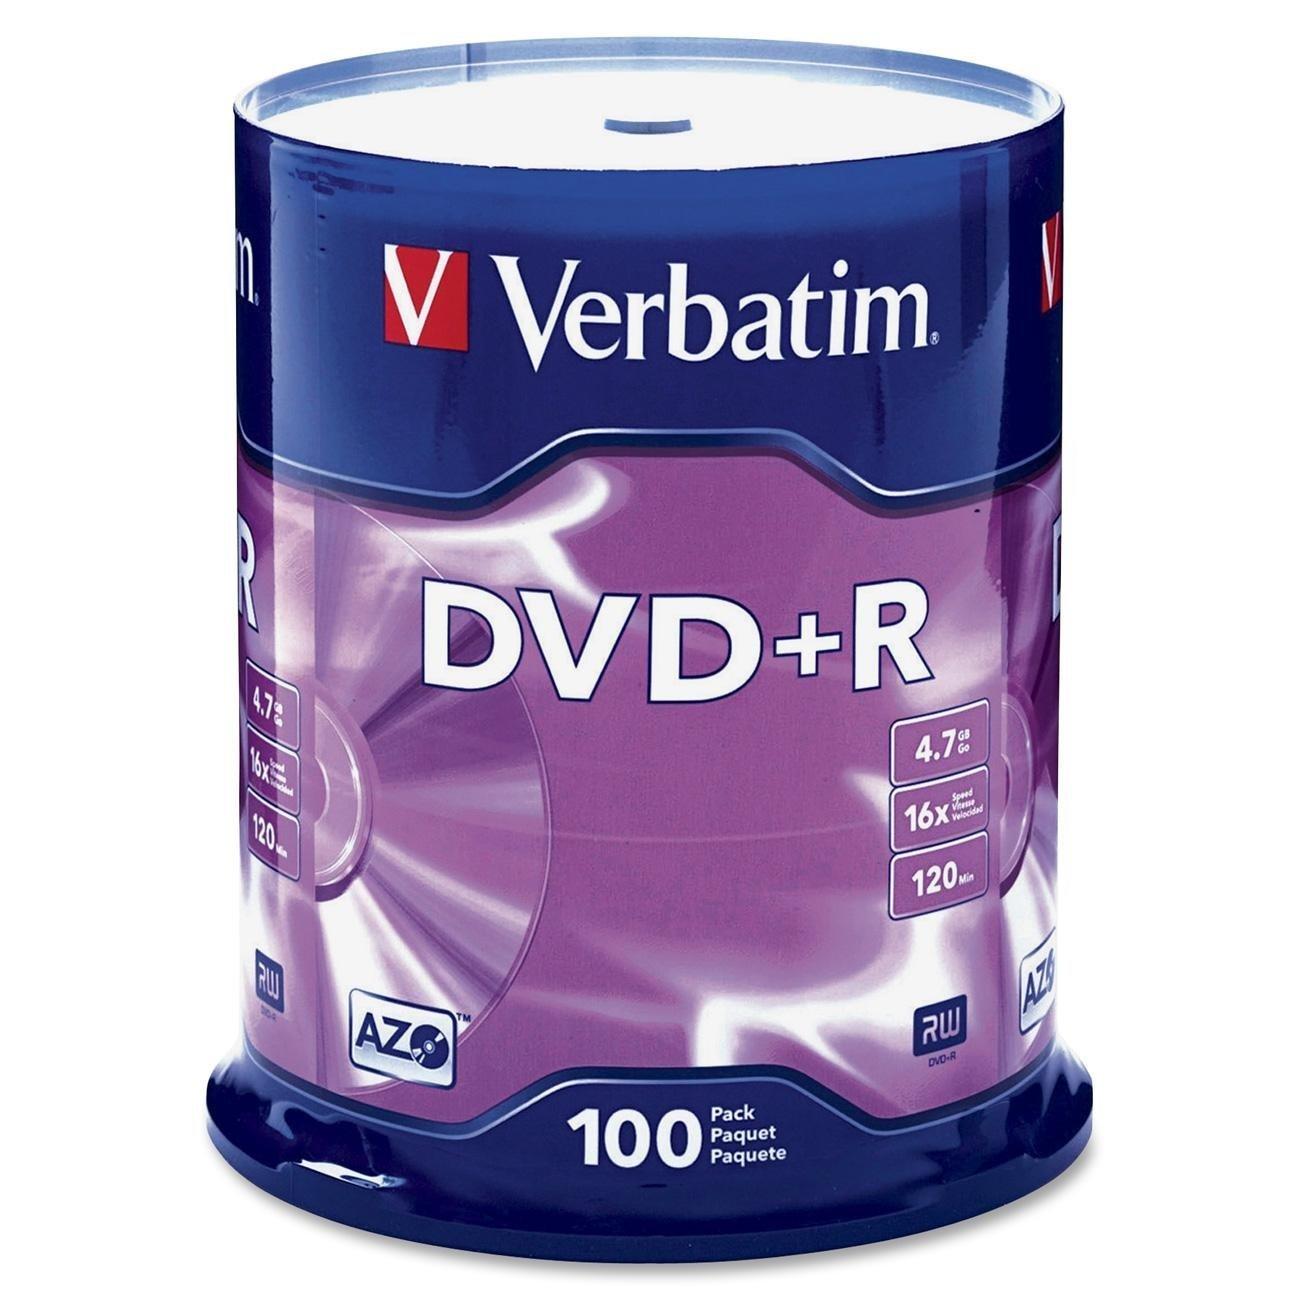 Verbatim : Disc DVD+R 4.7GB 16X General use Branded Surface 100pk SpindleBranded Surface 100pk Spindle -:- Sold as 2 Packs of - 100 - / - Total of 200 Each